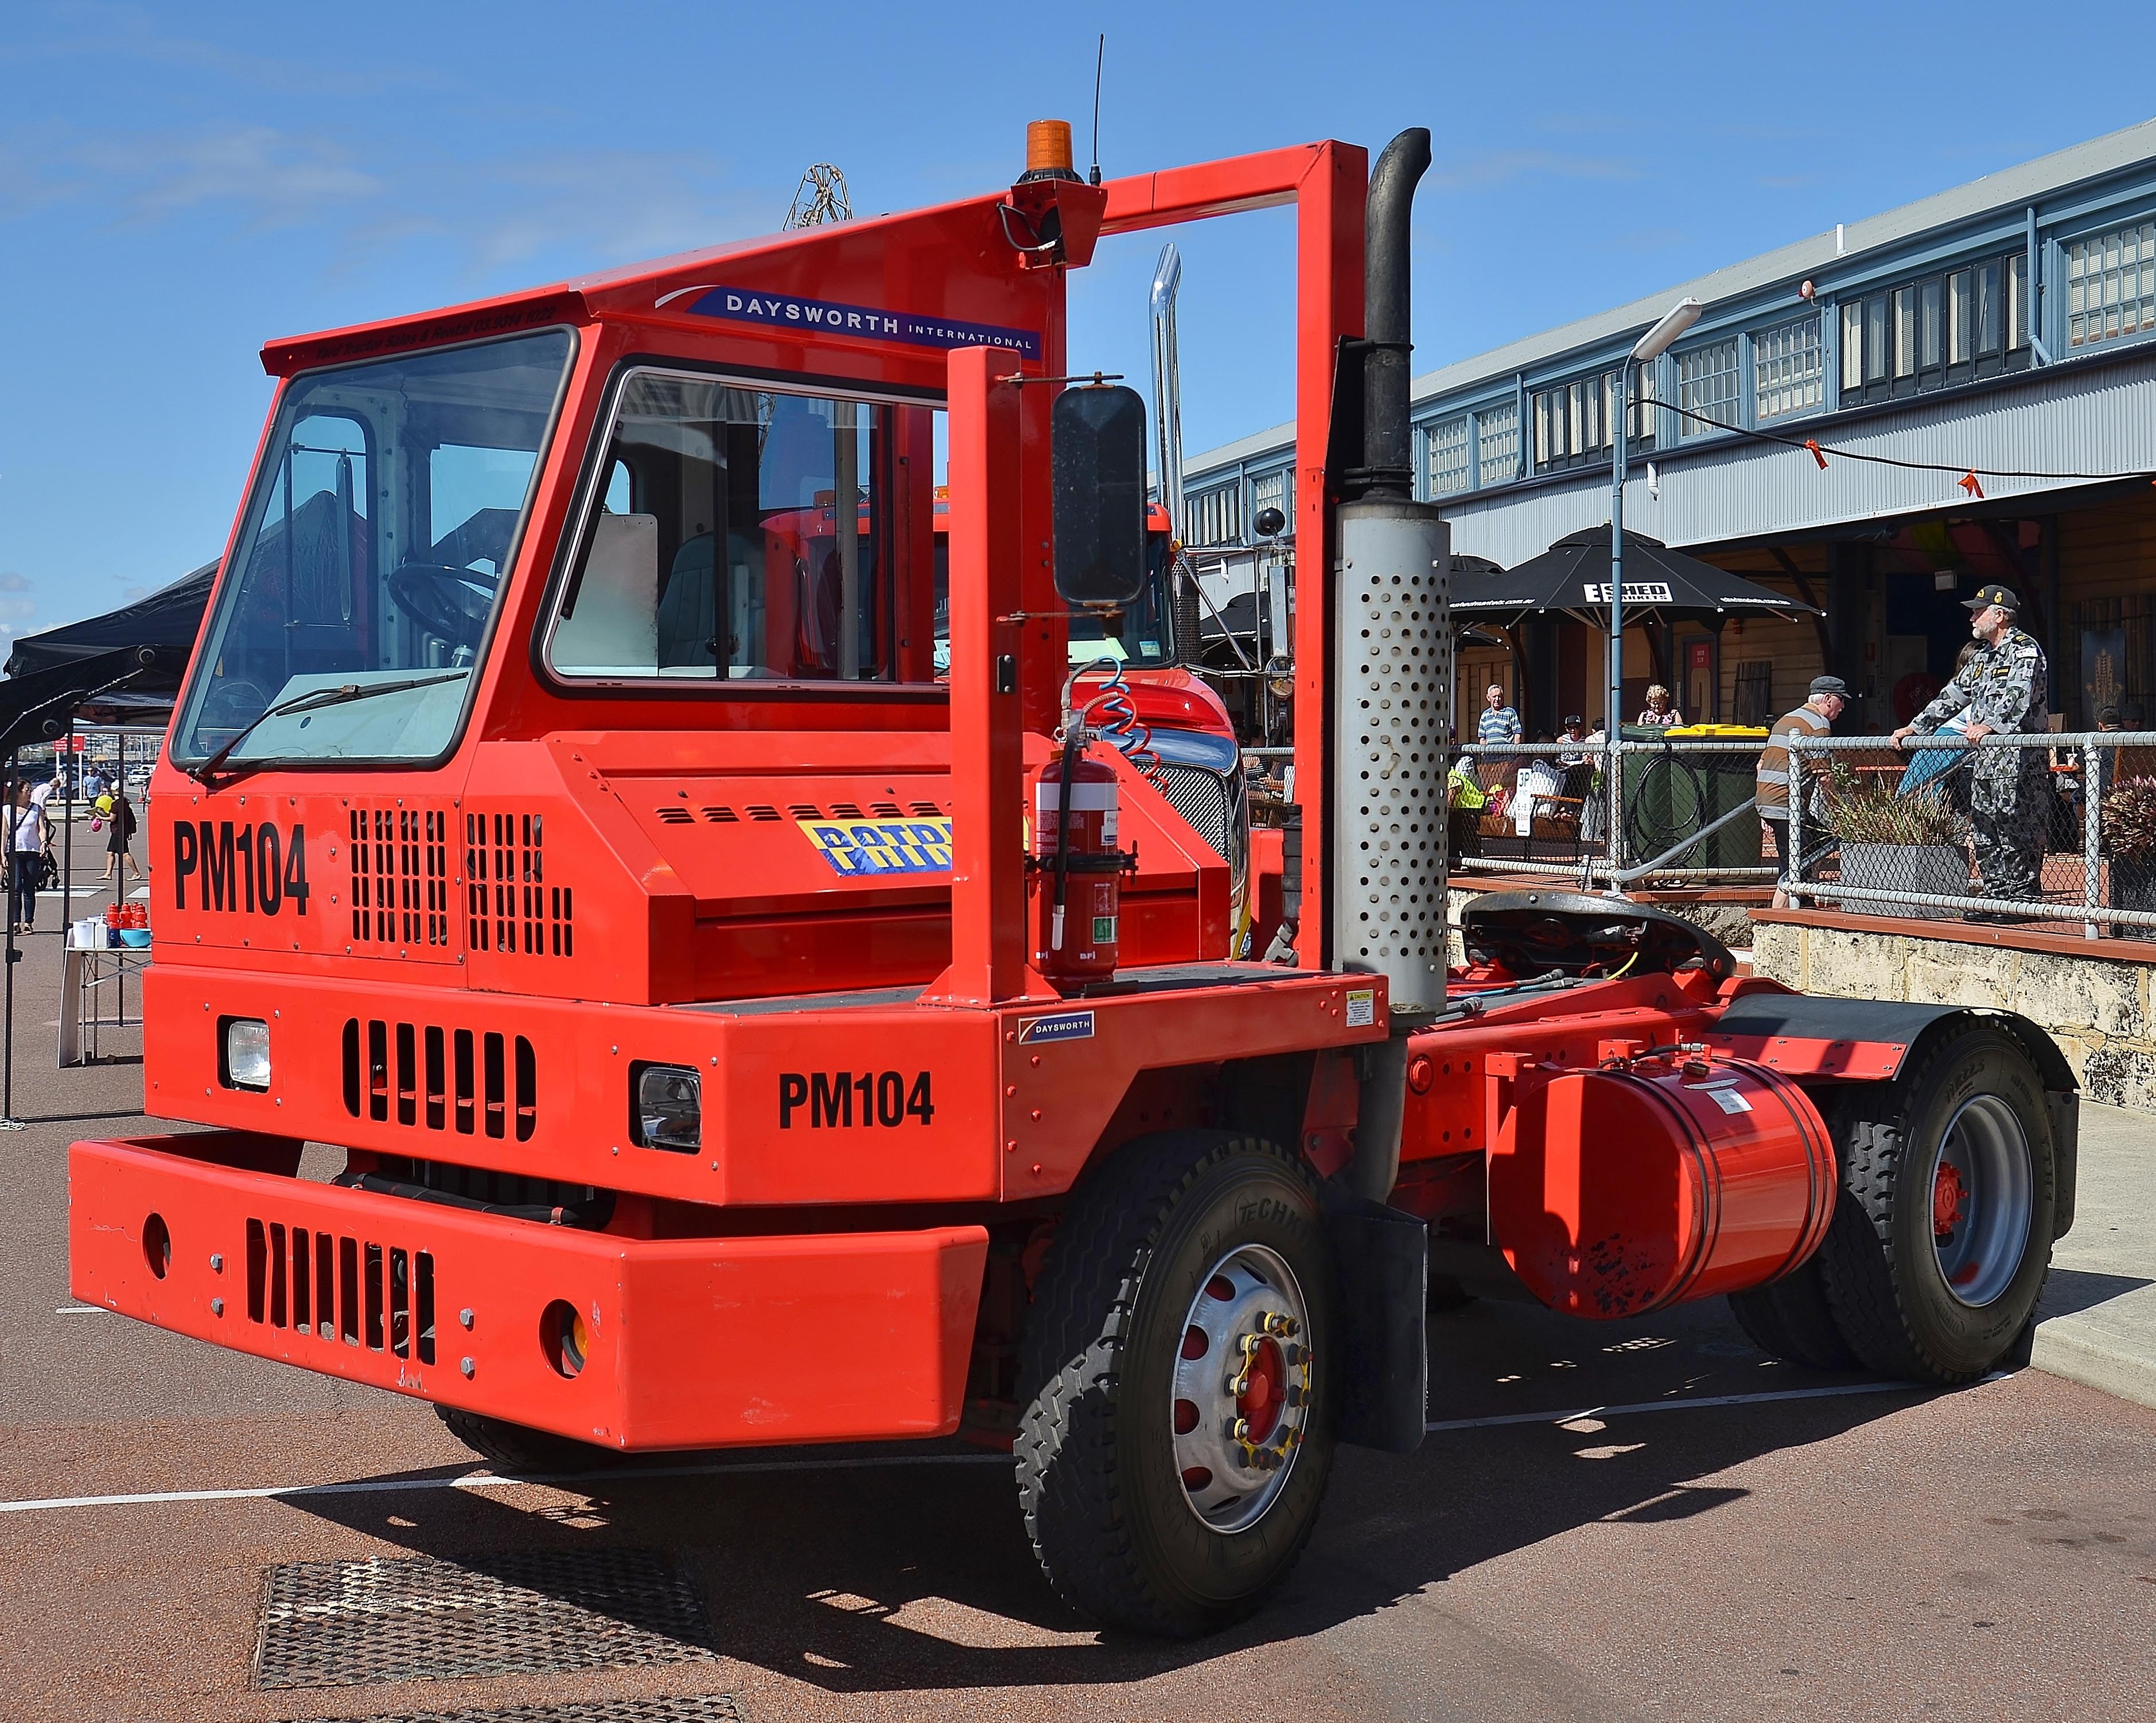 kalmar trattori muletti portuali Patrick_terminal_tractor_PM104%2C_Fremantle%2C_2015_%2802%29